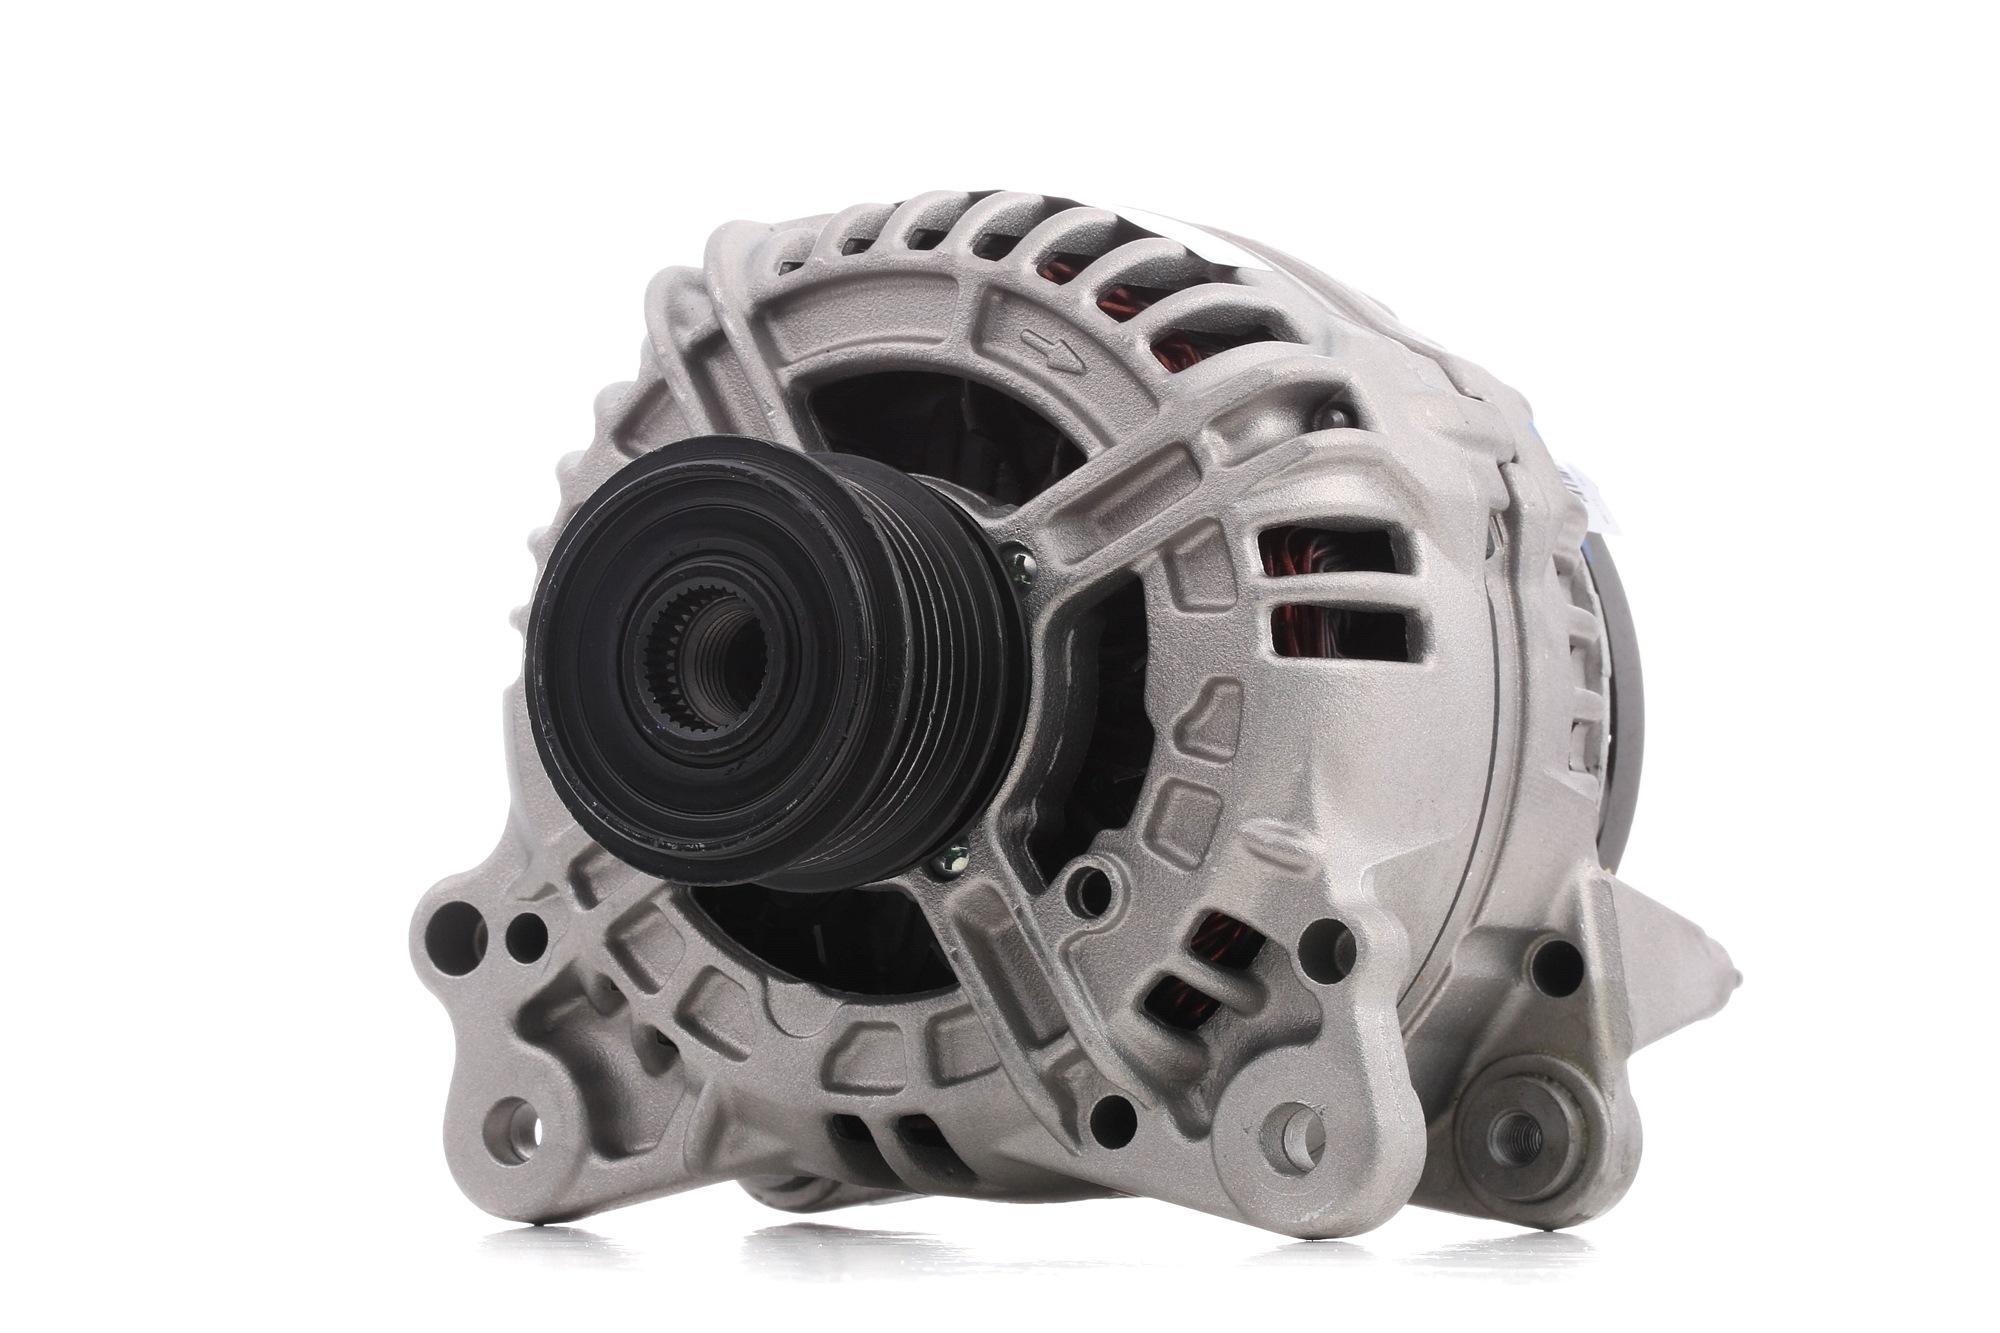 TG14C011 VALEO REMANUFACTURED PREMIUM 14V, 140A, mit integriertem Regler Rippenanzahl: 6 Lichtmaschine 437454 günstig kaufen